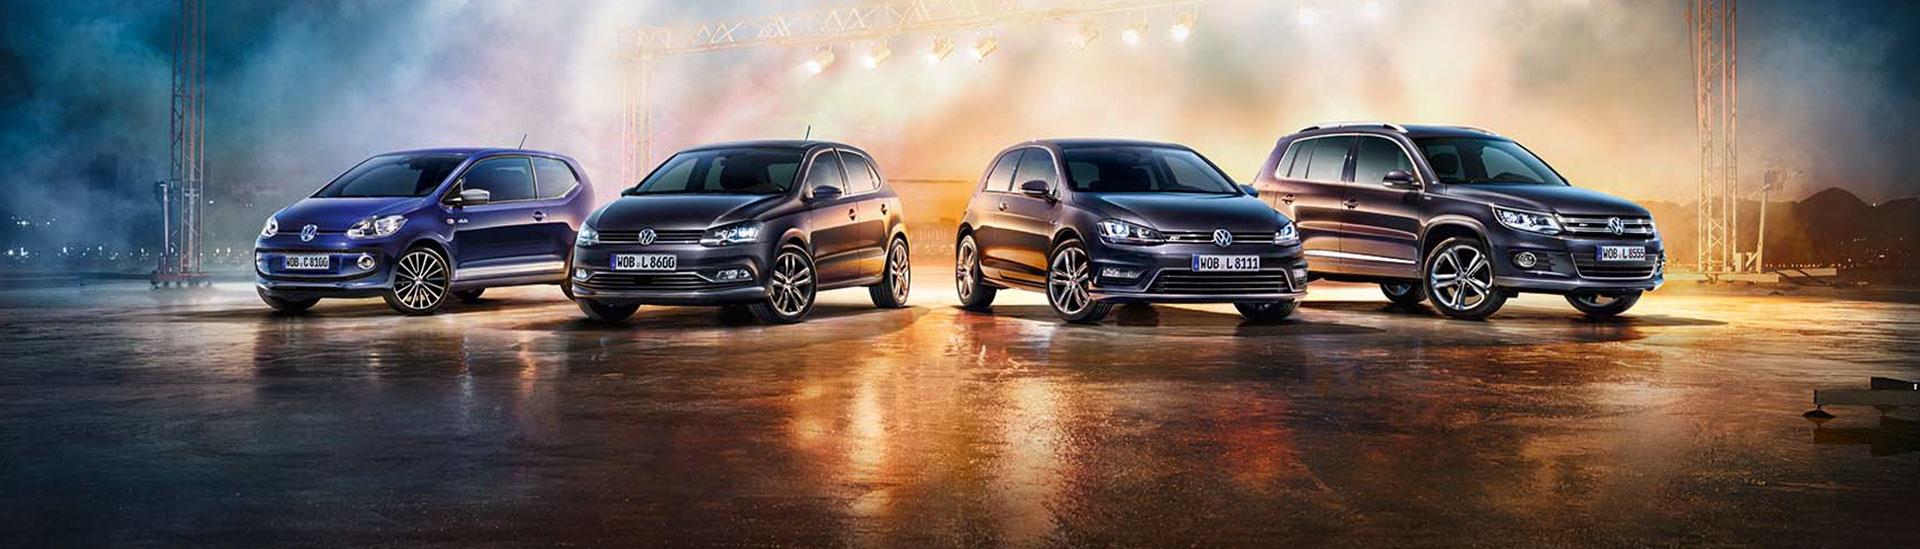 Headerbild-VW-Verschiedene